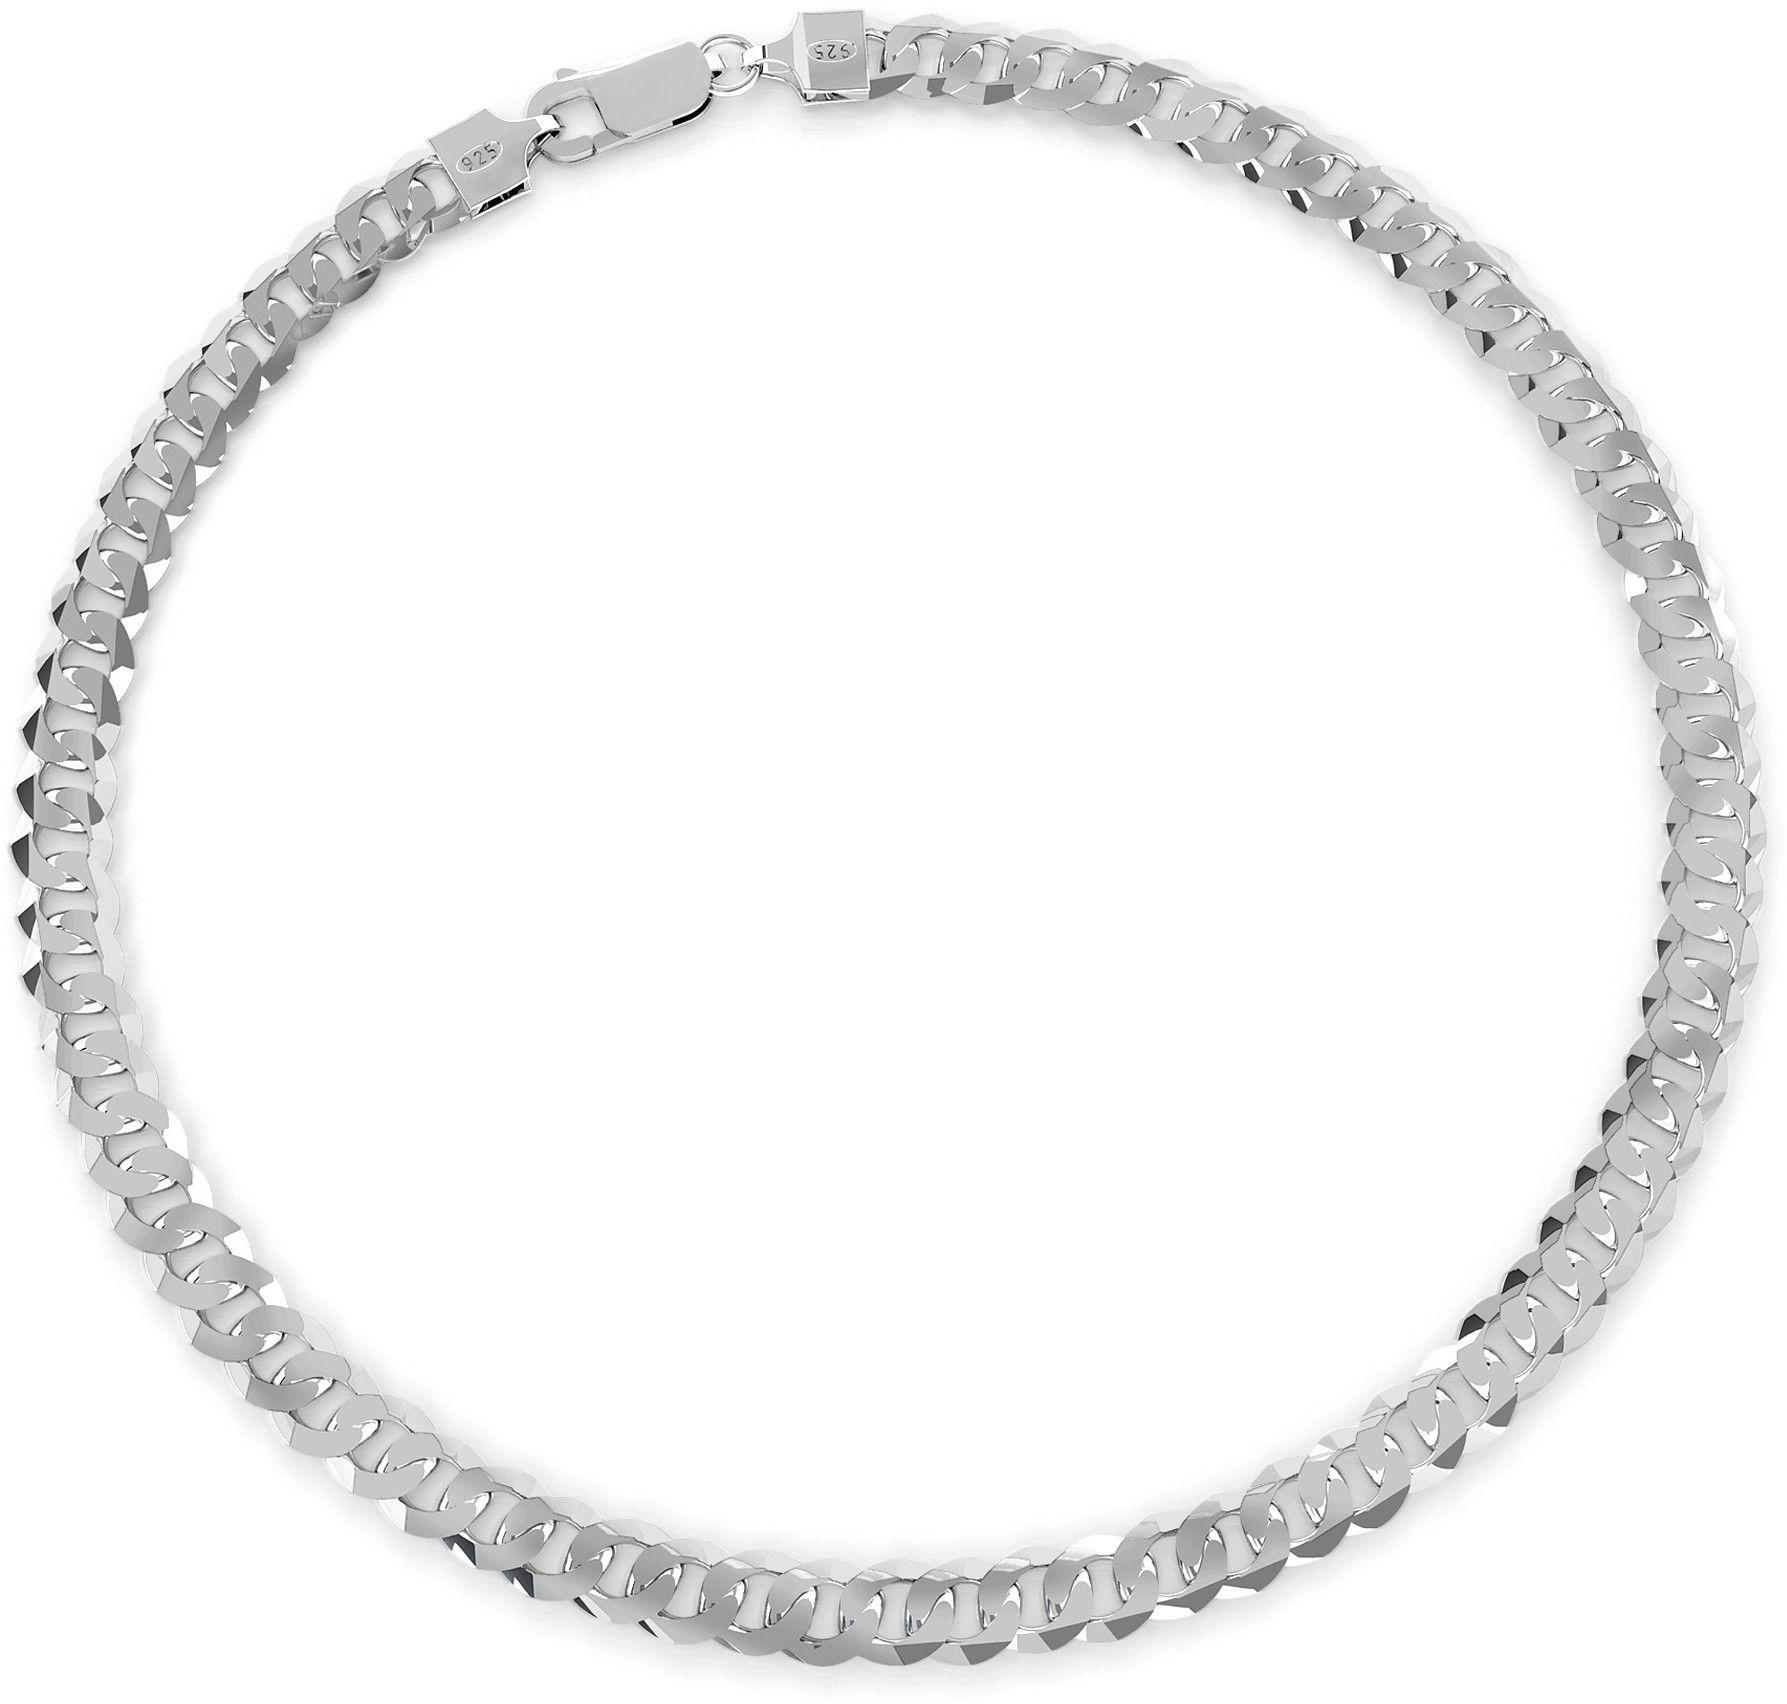 Gruba męska pancerka, grubość 7,4 mm, srebro 925 : Długość (cm) - 50, Kolor pokrycia srebra - Pokrycie platyną